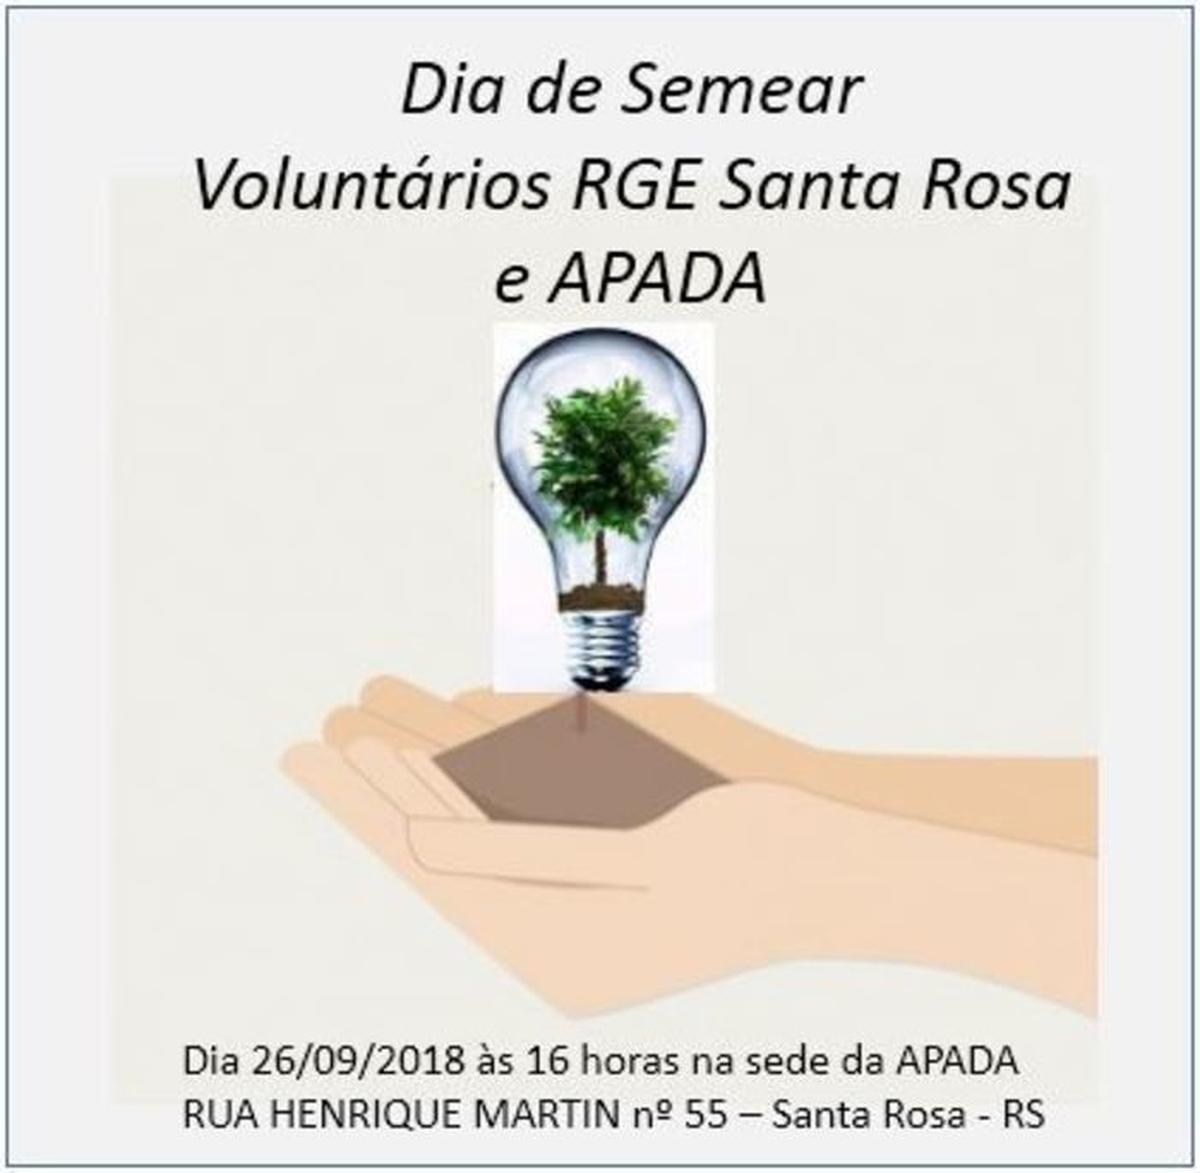 Dia de Semear  - RGE Santa Rosa e APADA .